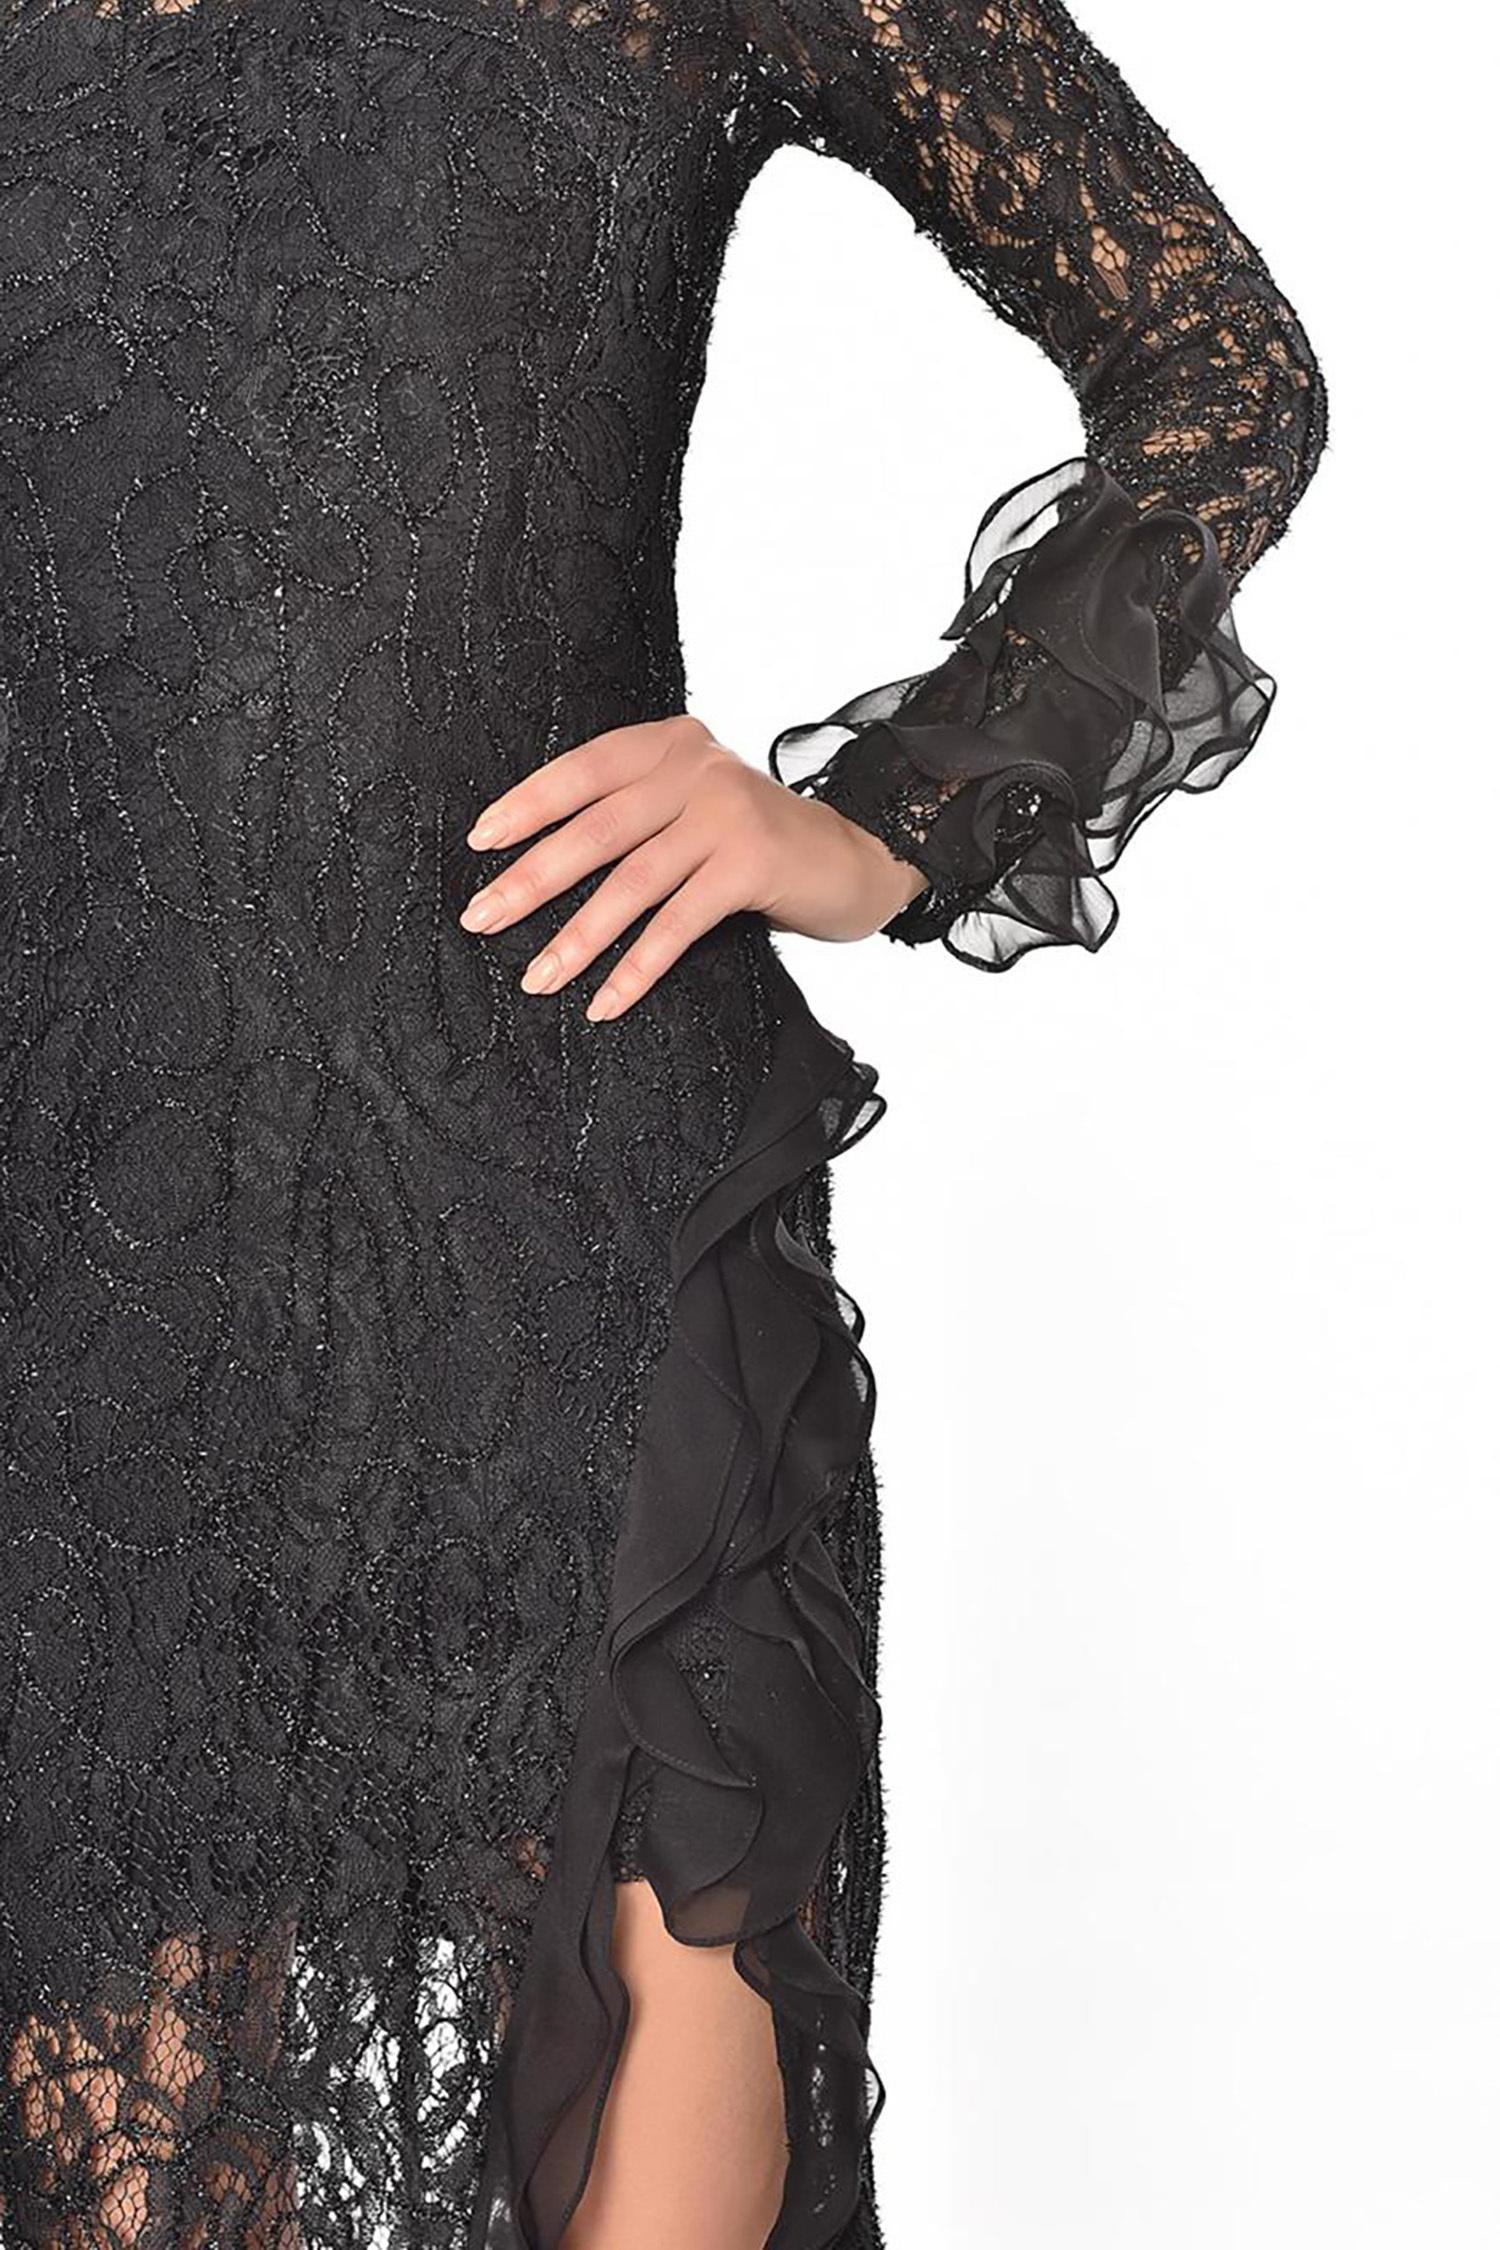 Siyah Dantel İşlemeli Uzun Kollu Yırtmaçlı Midi Boy Büyük Beden Elbise - Thumbnail